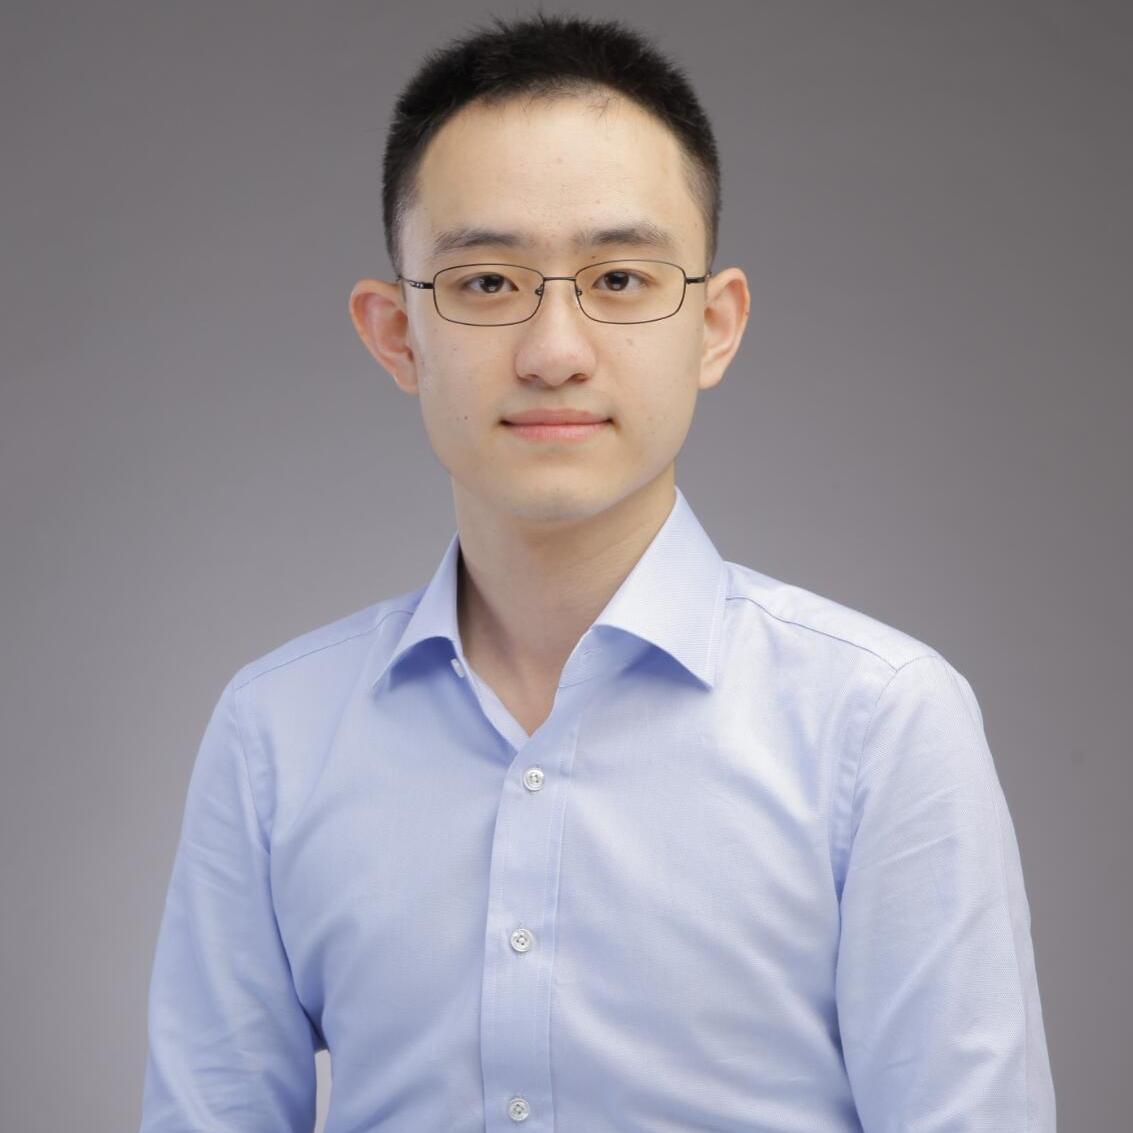 MBA 2019_GC_Shen_Zheng.jpg